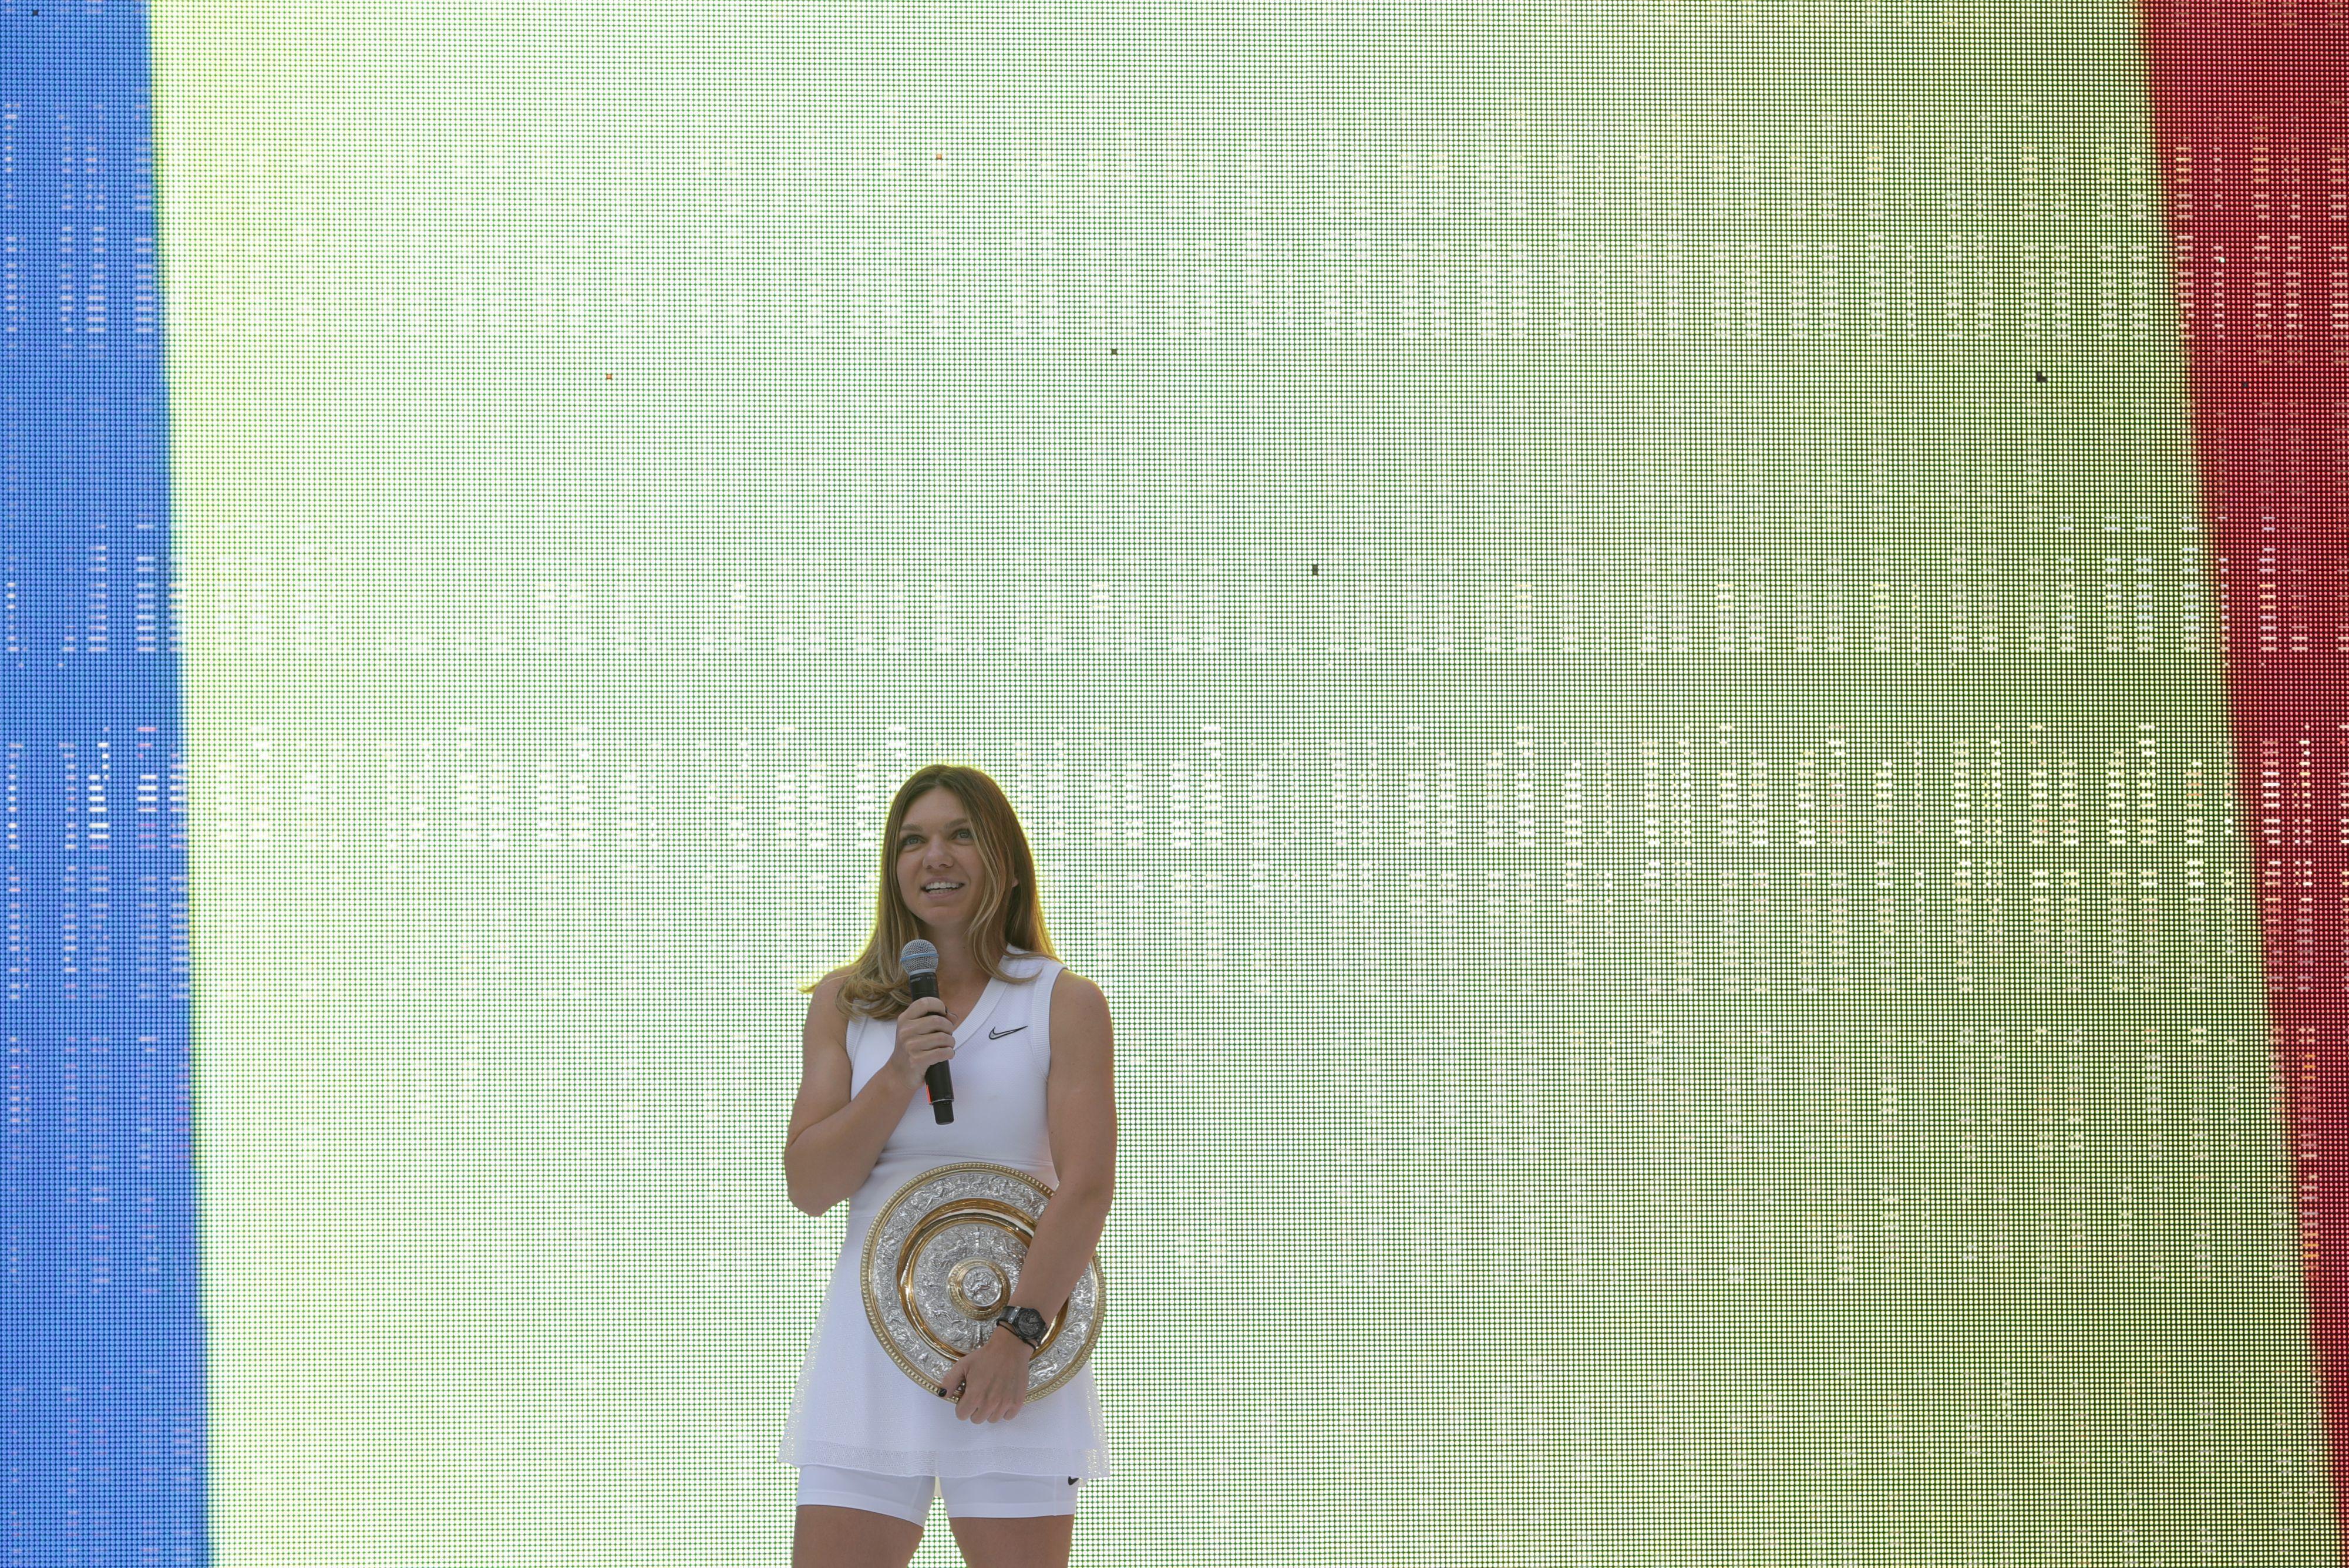 Simona Halep a prezentat românilor trofeul Wimbledon. Filmul finalei istorice și ceremonia de pe Arena Națională